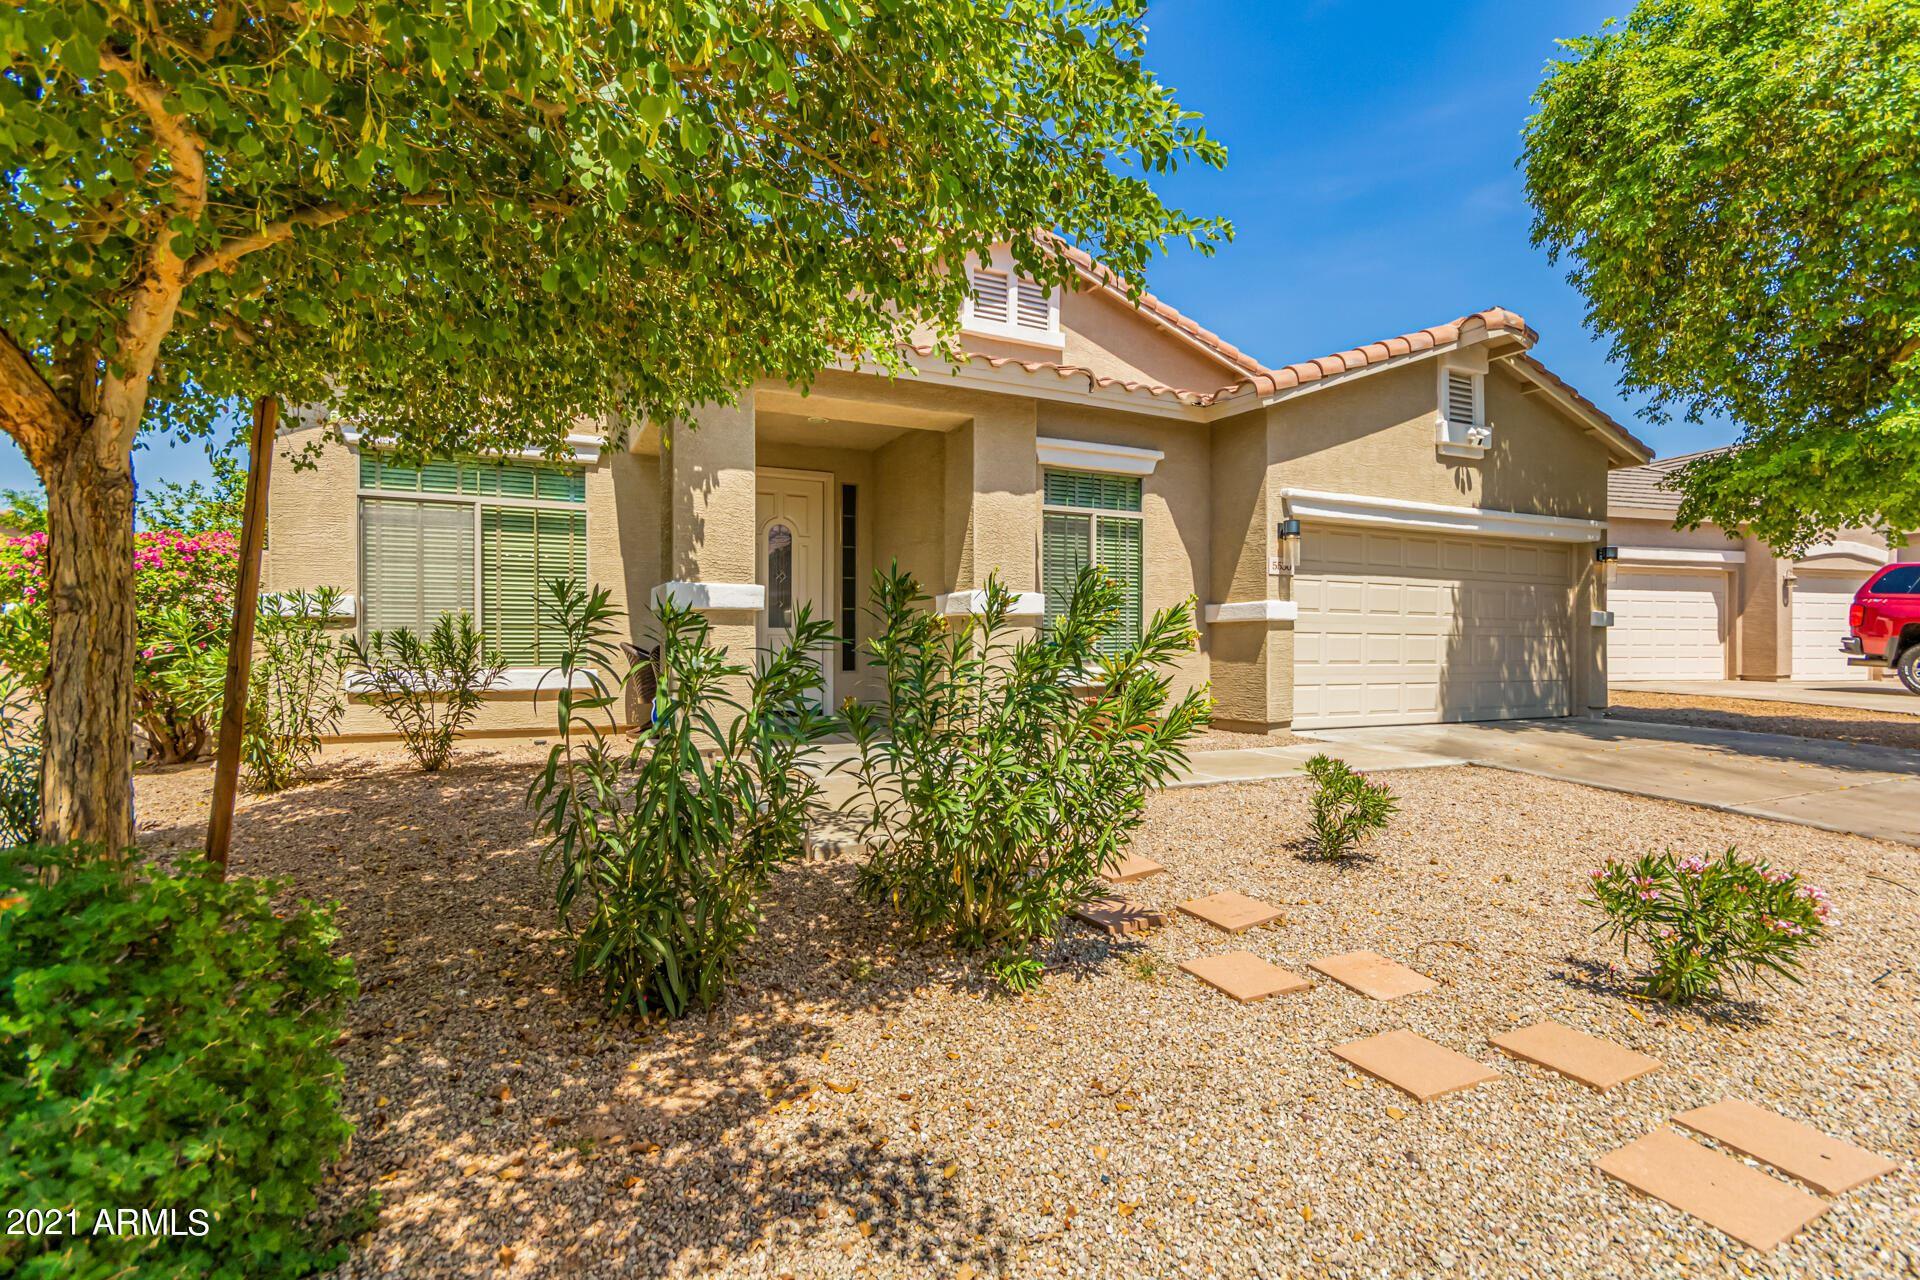 Photo of 5530 W DARREL Road, Laveen, AZ 85339 (MLS # 6289520)